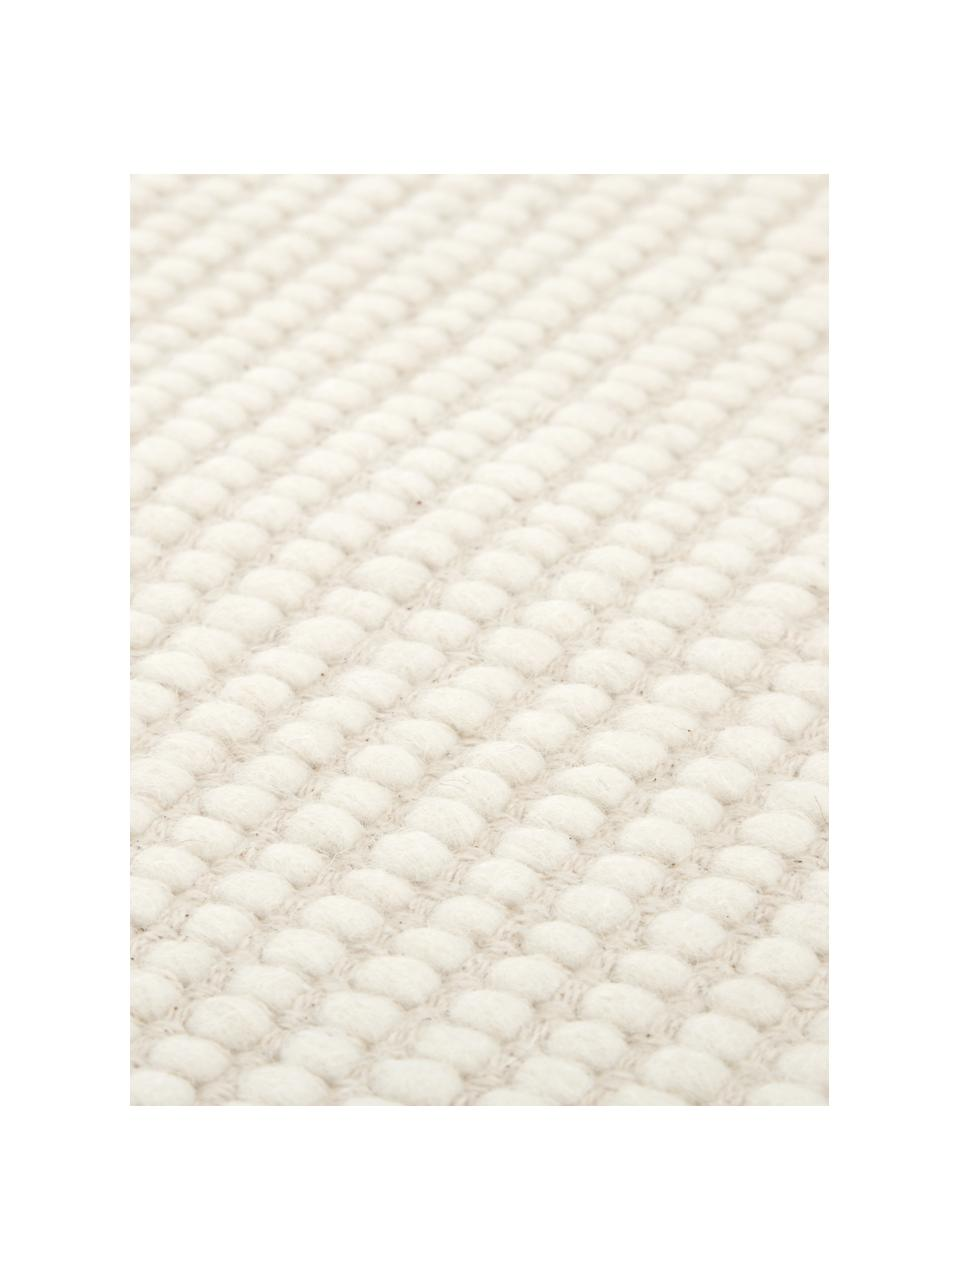 Handgewebter Wollläufer Amaro in Creme, Flor: 100% Wolle, Cremeweiß, 80 x 250 cm